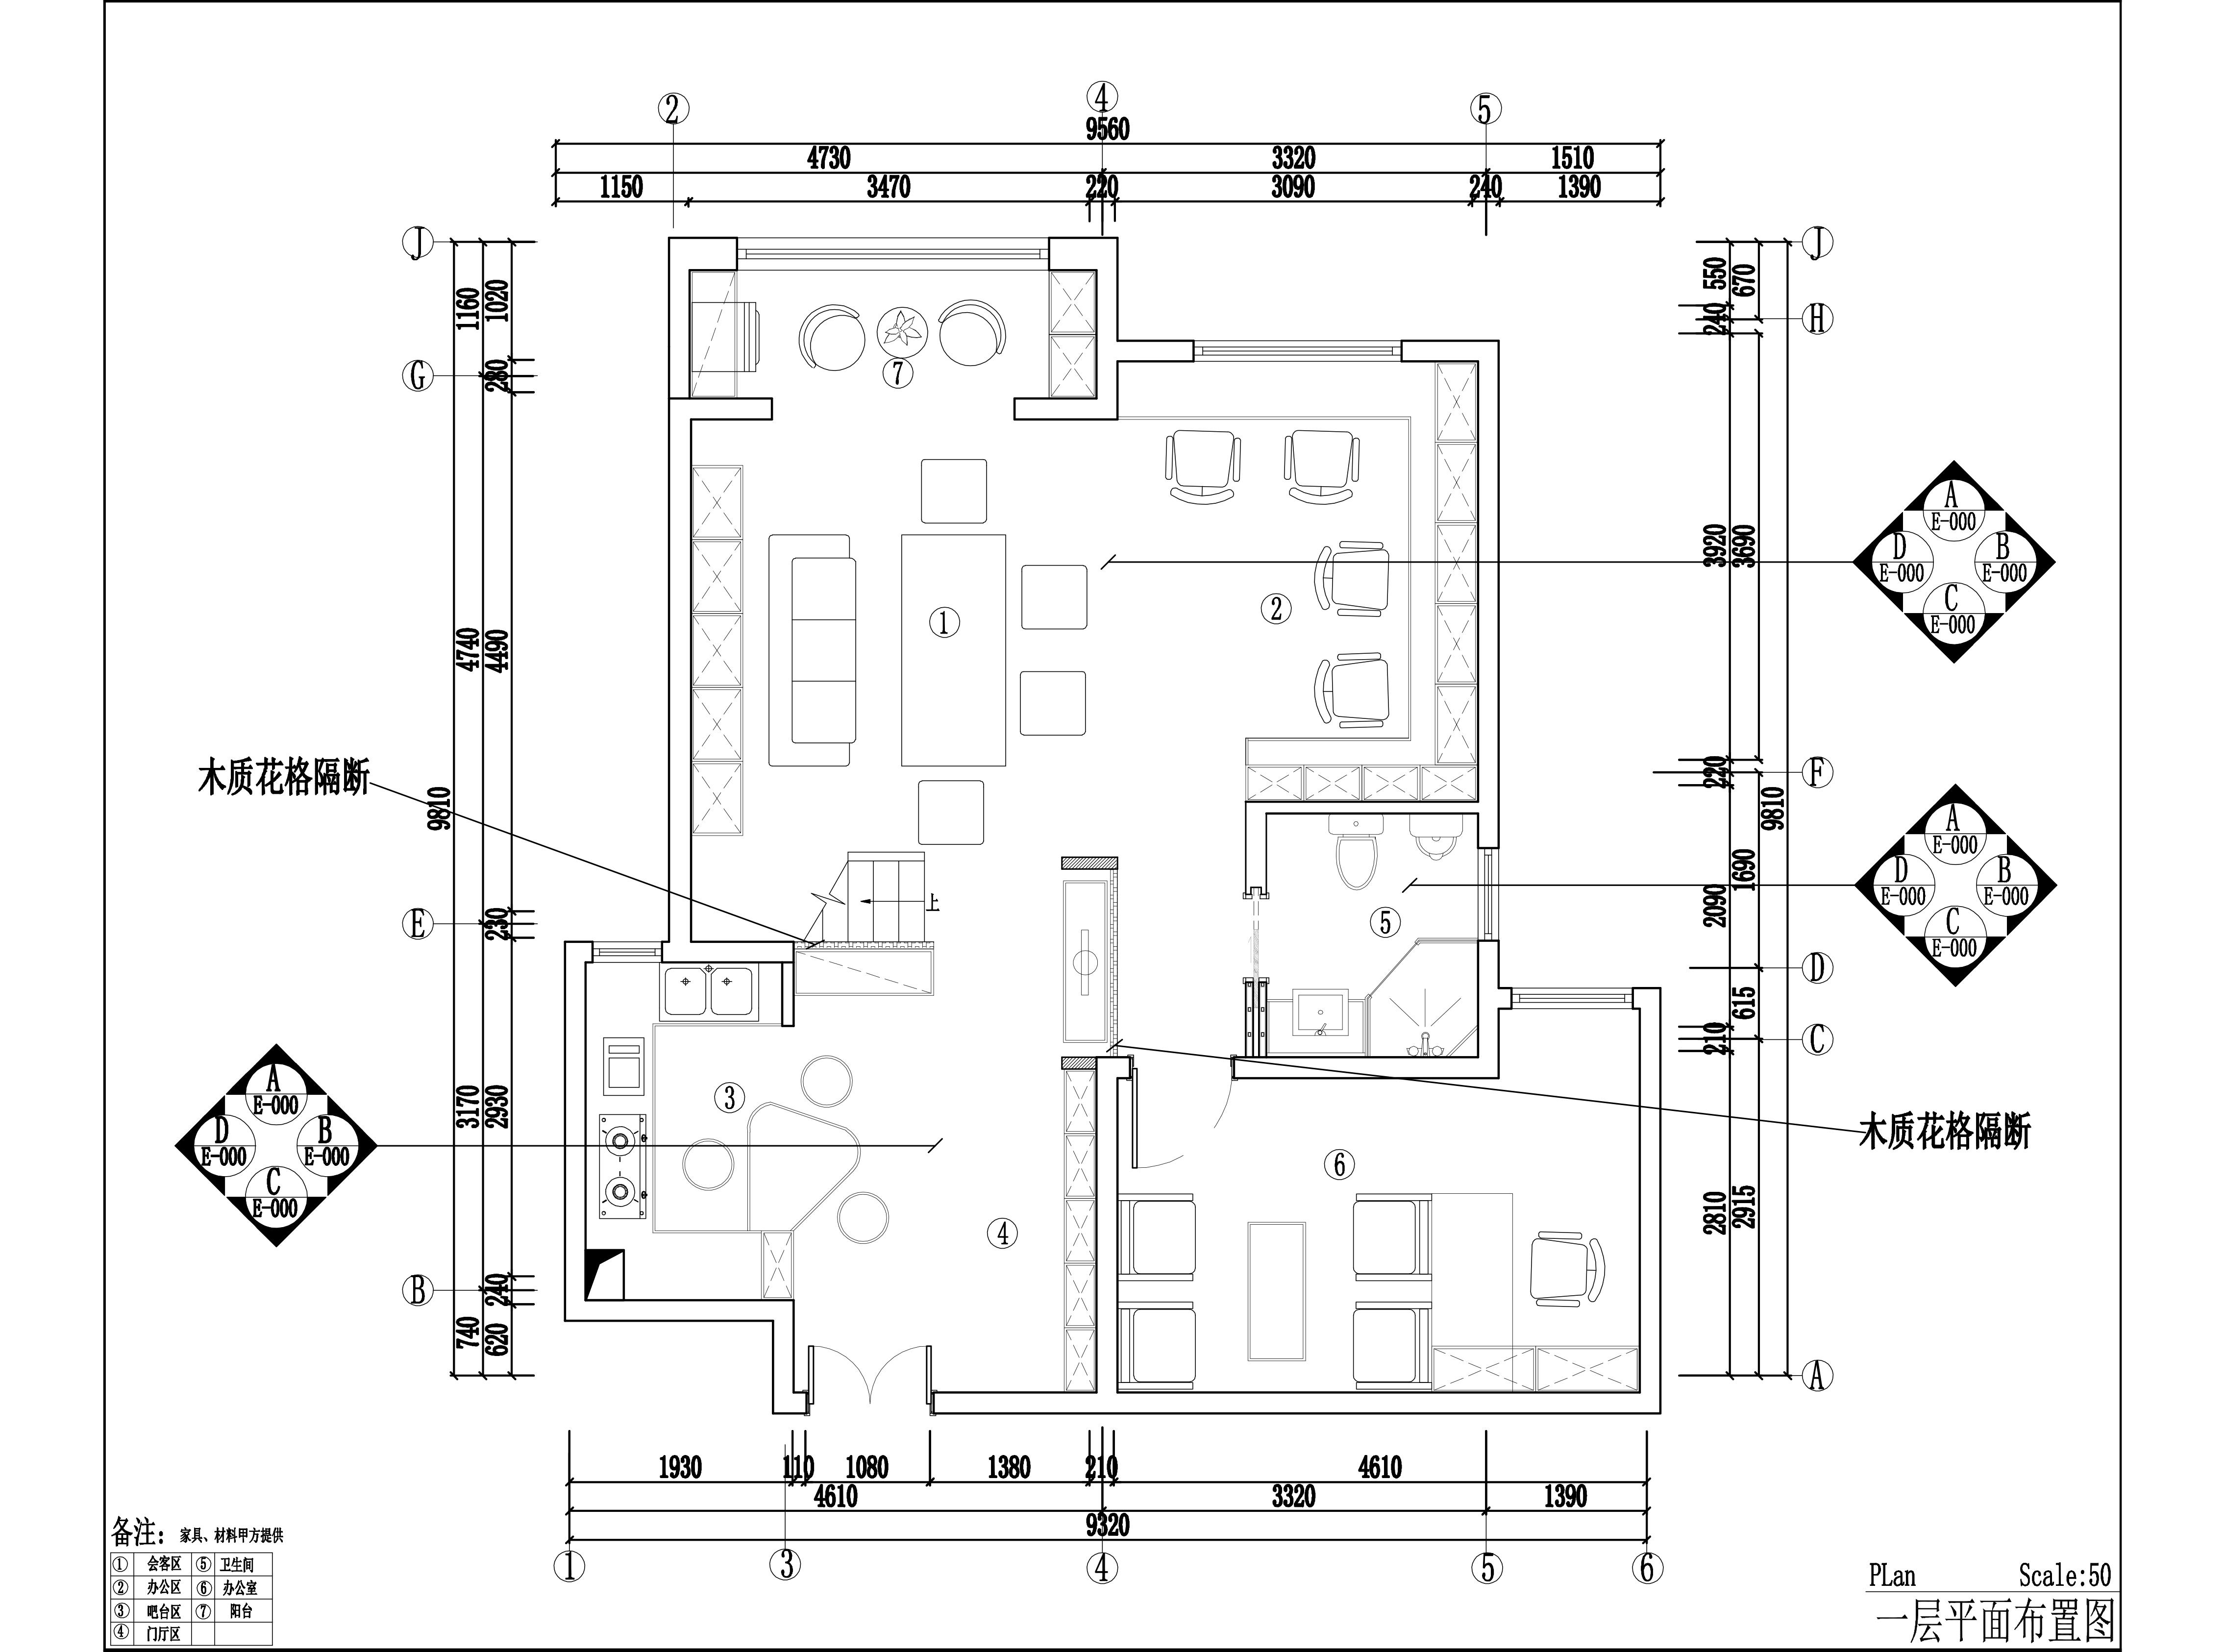 简约 欧式 田园 混搭 二居 三居 别墅 白领 旧房改造 户型图图片来自大卫5628054747在设计工作室方案的分享